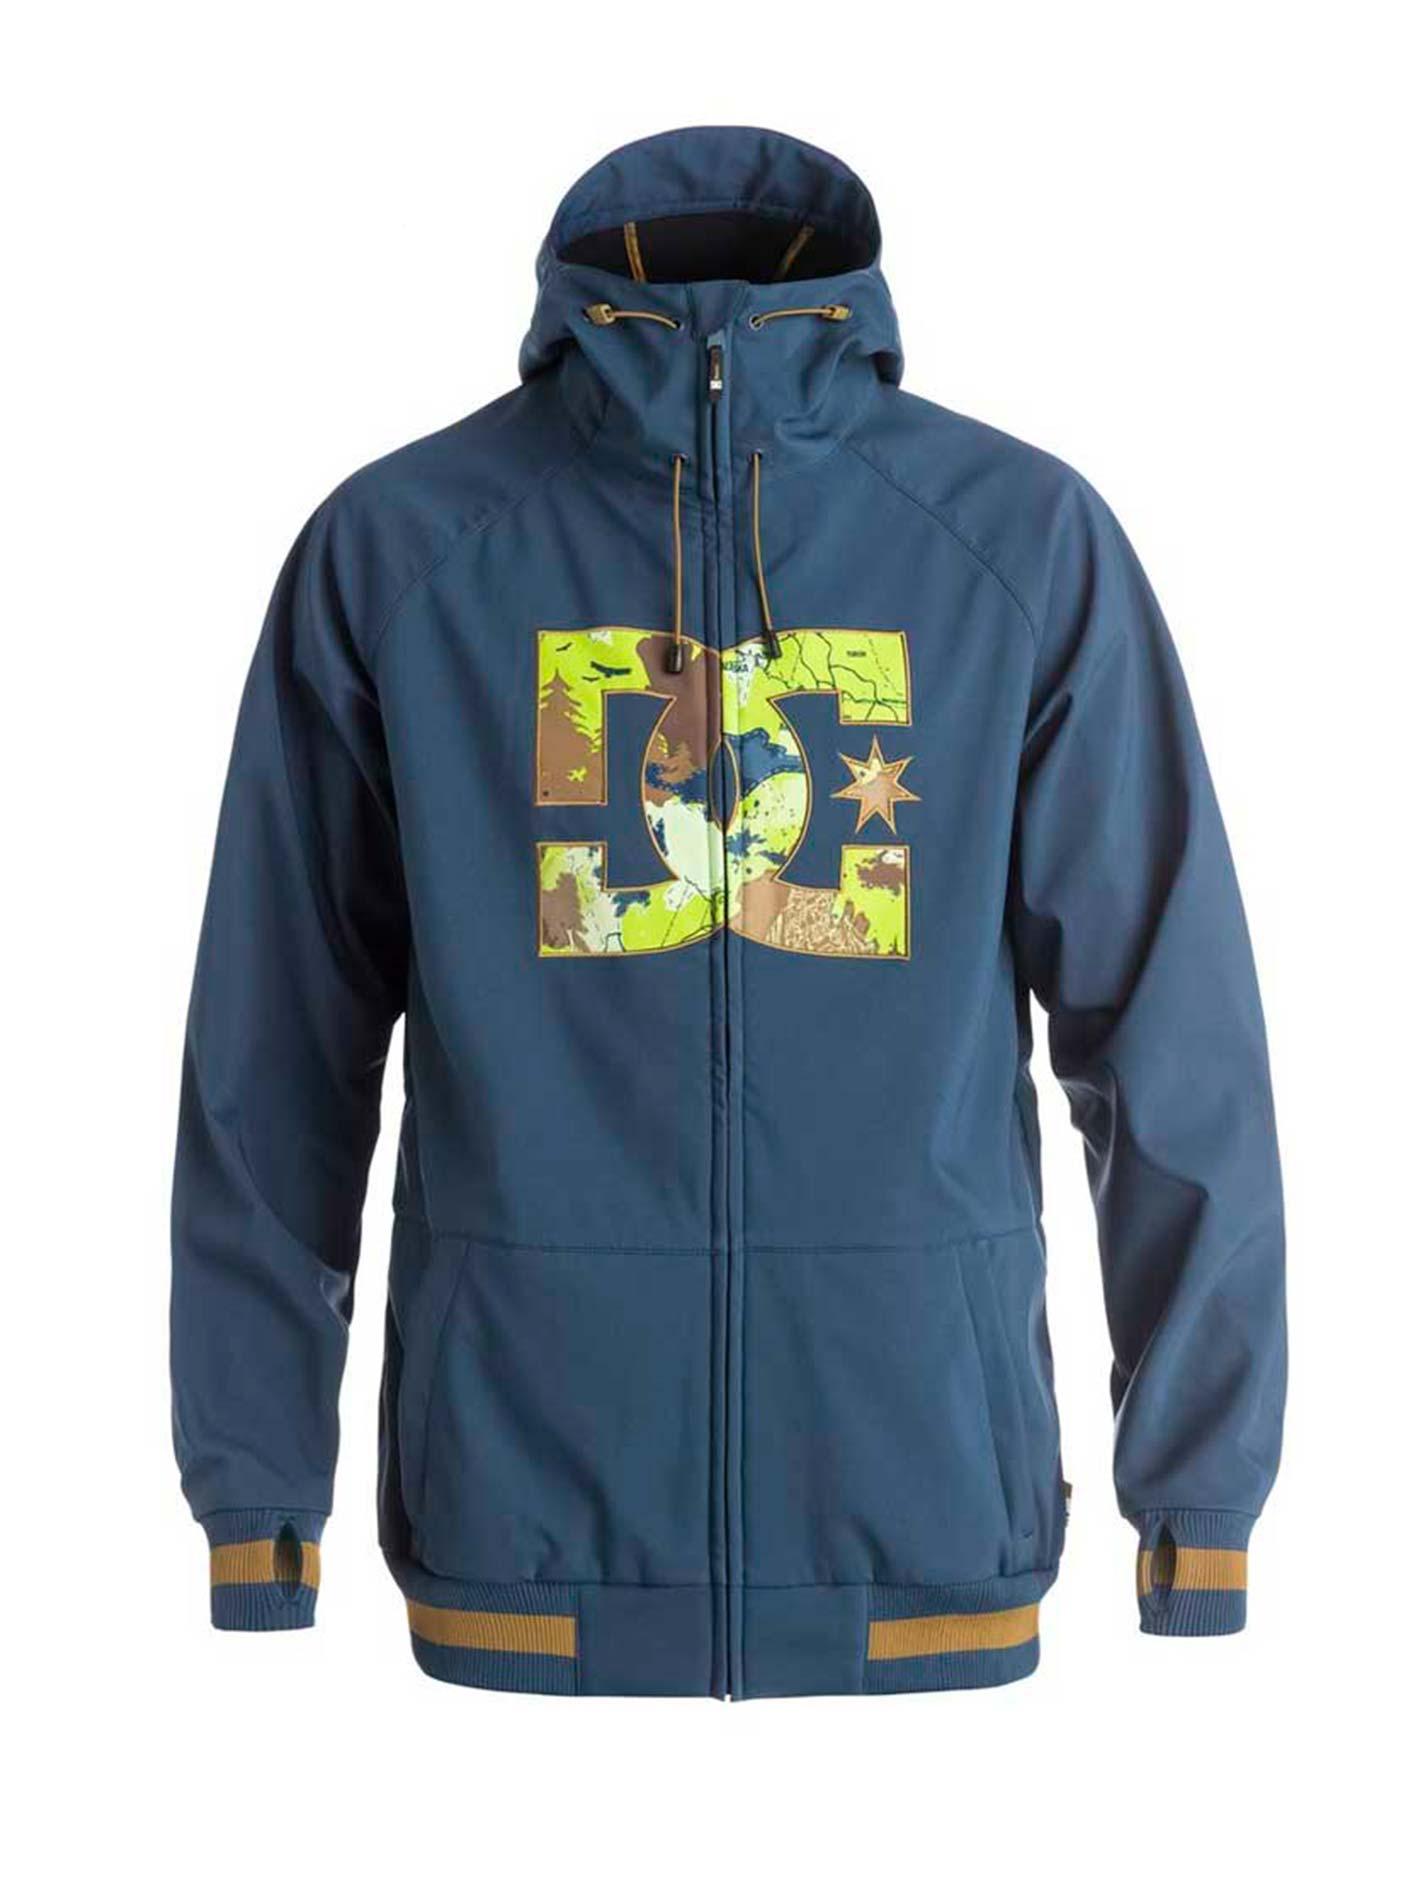 350ed8df0d8 EDYTJ03021 DC Spectrum Jacket Blue – Gravity Surf Shop